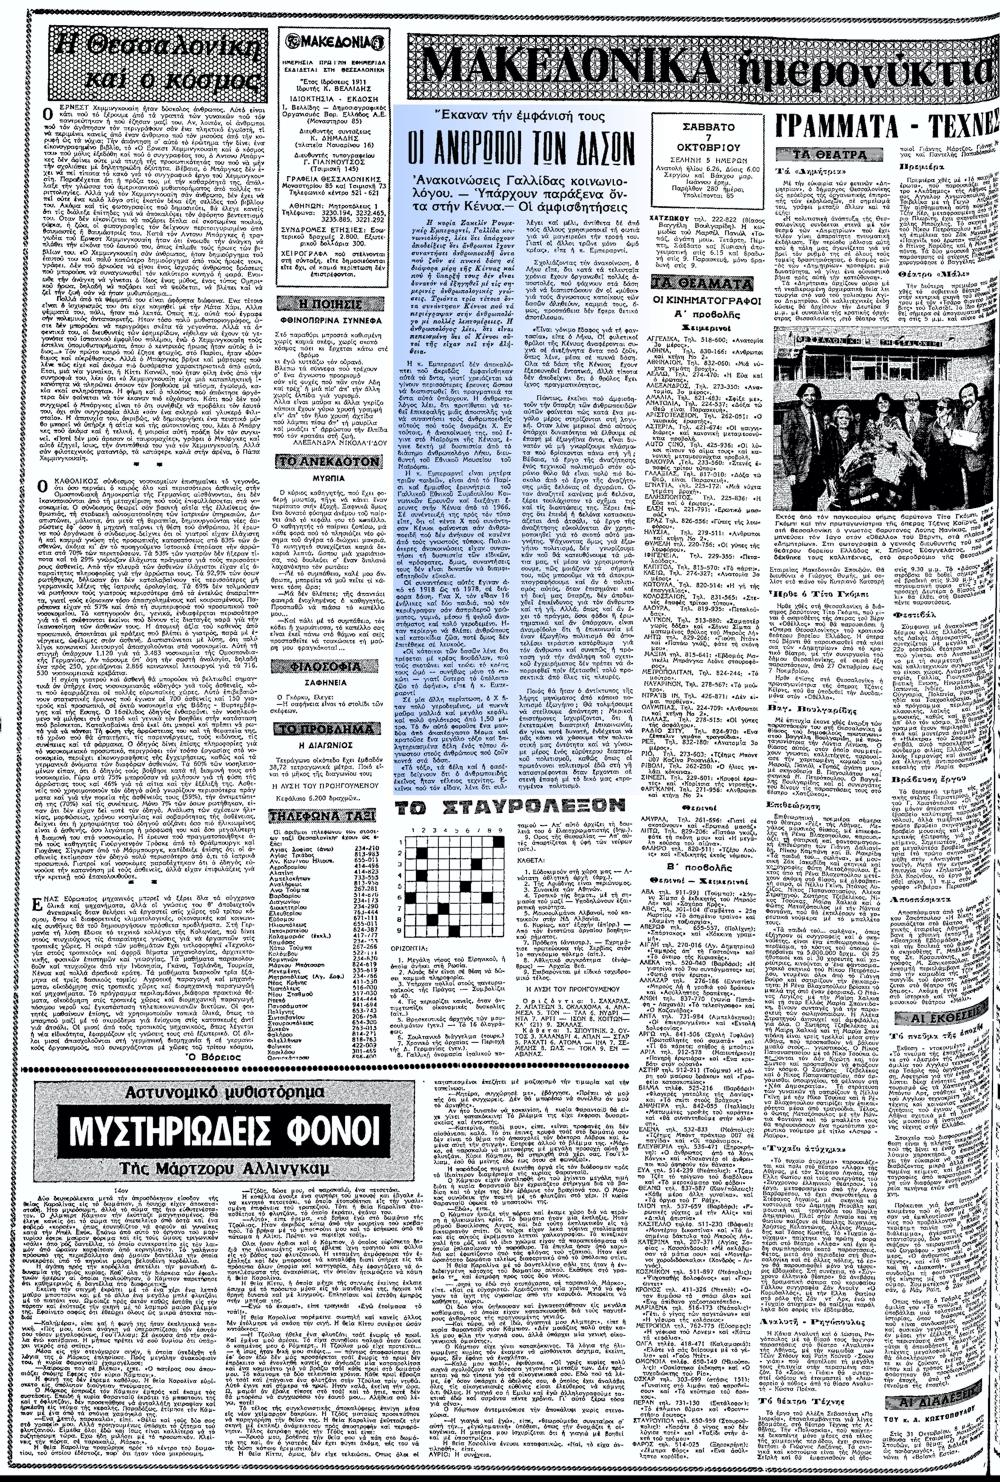 """Το άρθρο, όπως δημοσιεύθηκε στην εφημερίδα """"ΜΑΚΕΔΟΝΙΑ"""", στις 07/10/1978"""